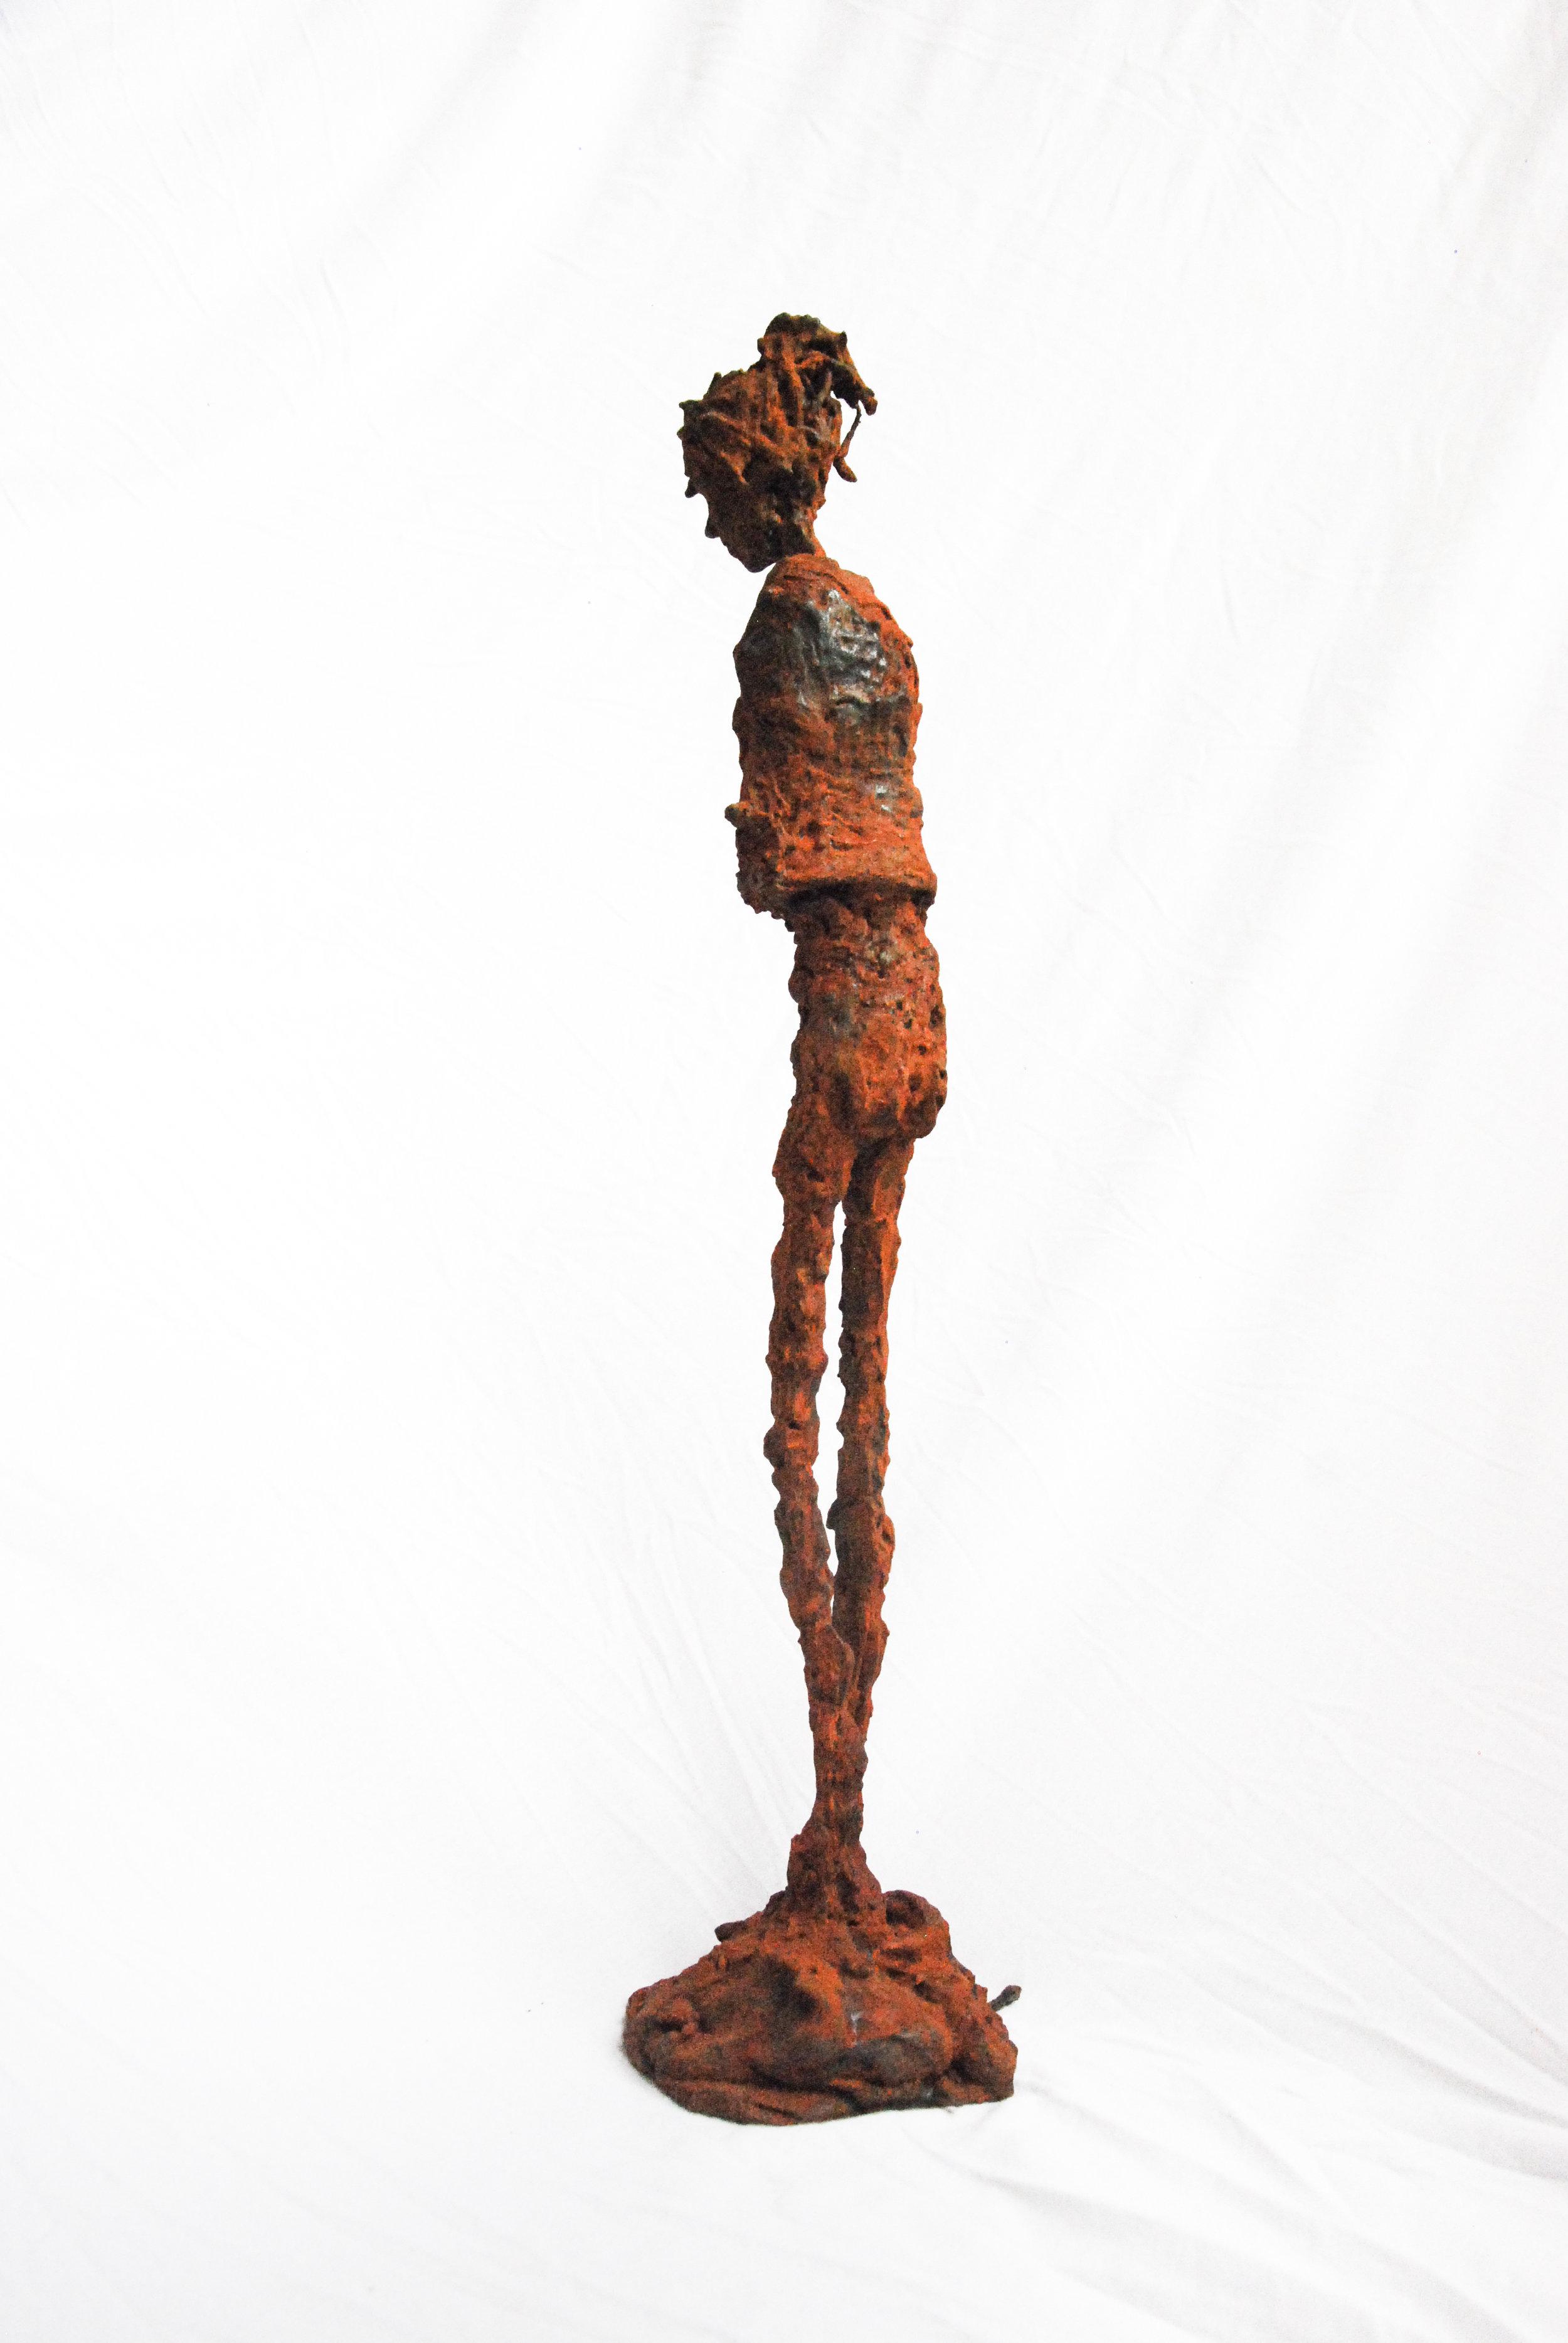 sculpture-5-2.jpg